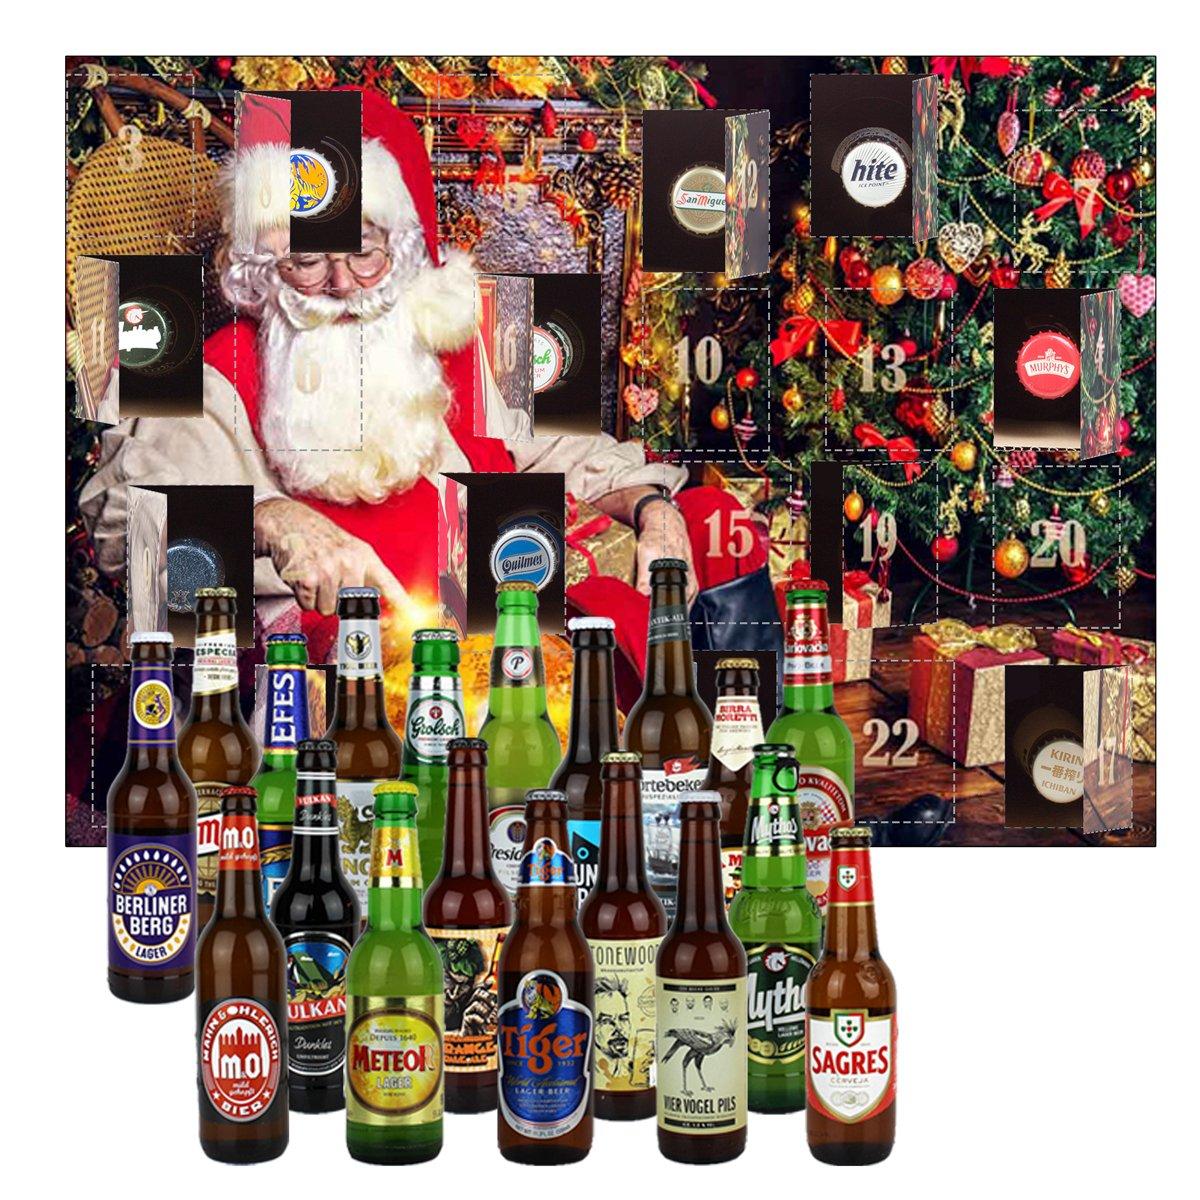 Bier Weihnachtskalender.Bier Adventskalender Mit 24 Internationalen Bieren